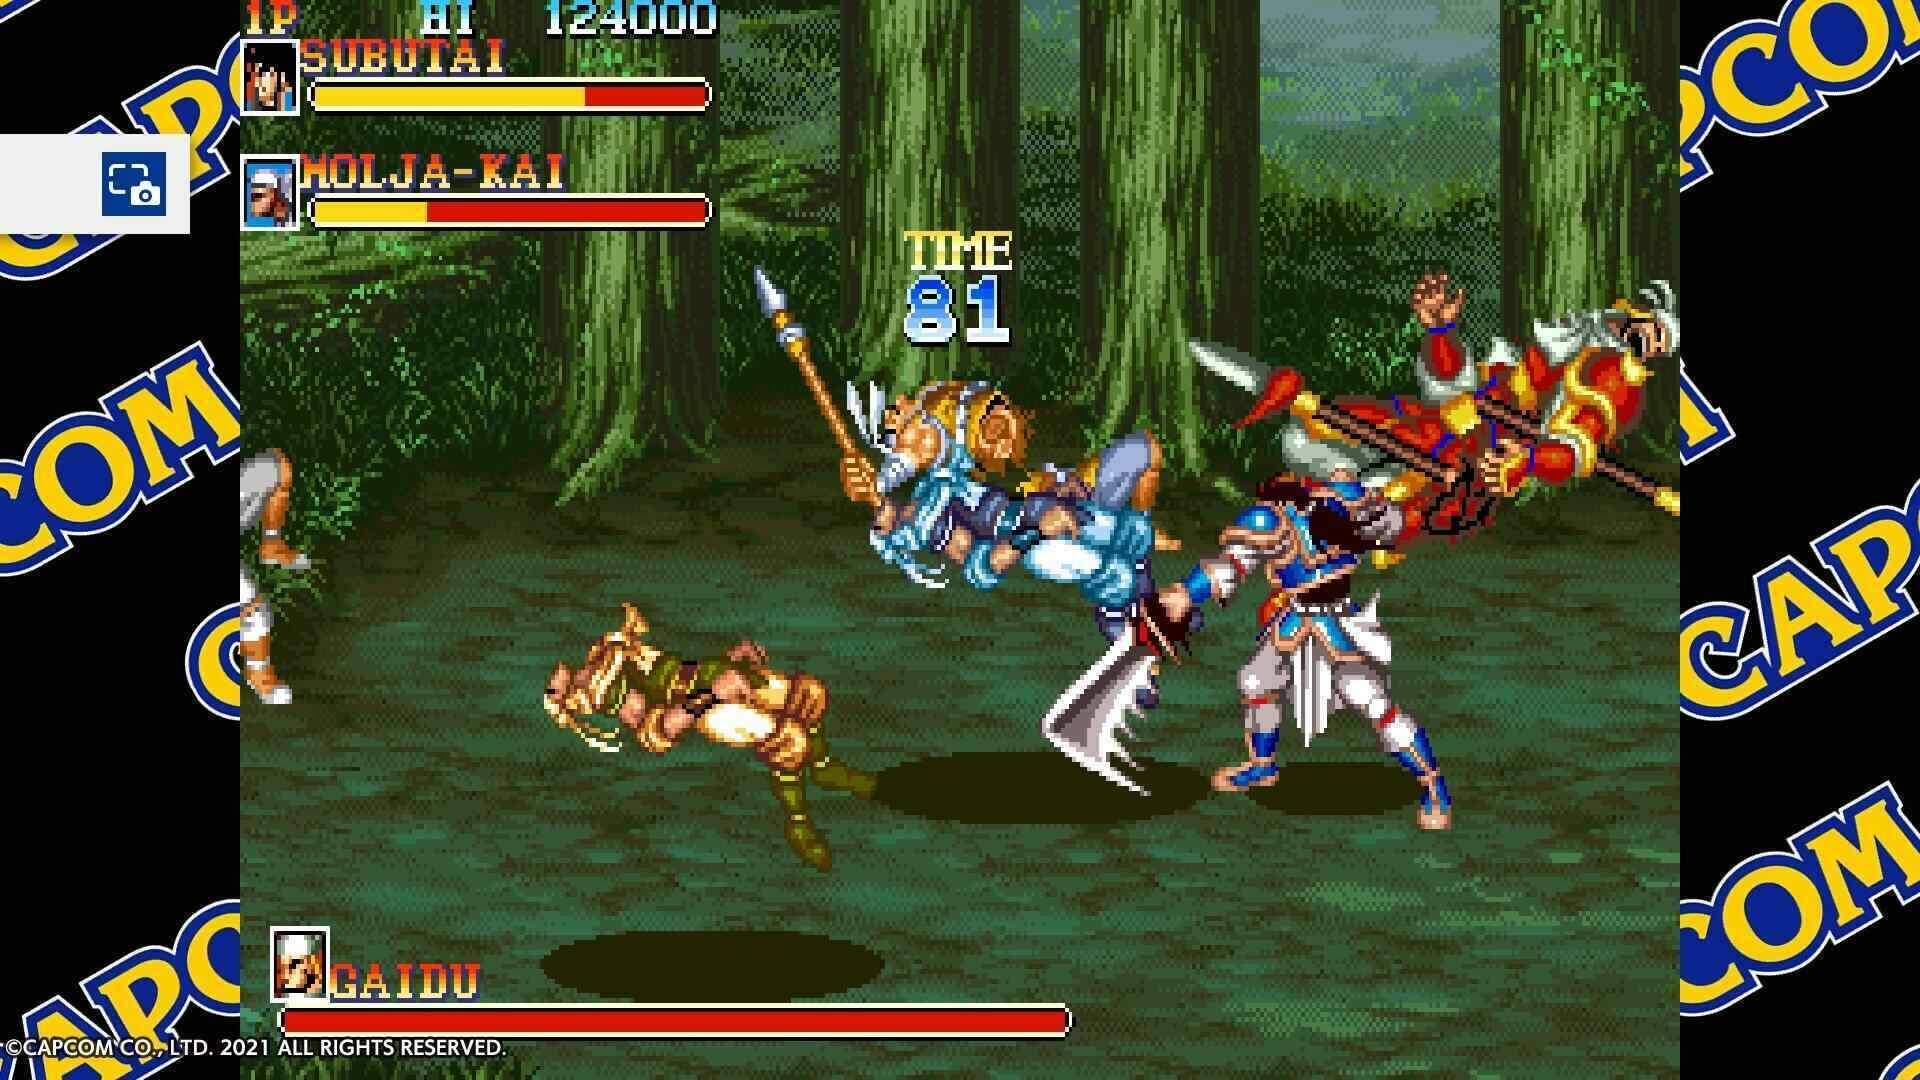 Capcom Stadium Arcade 43